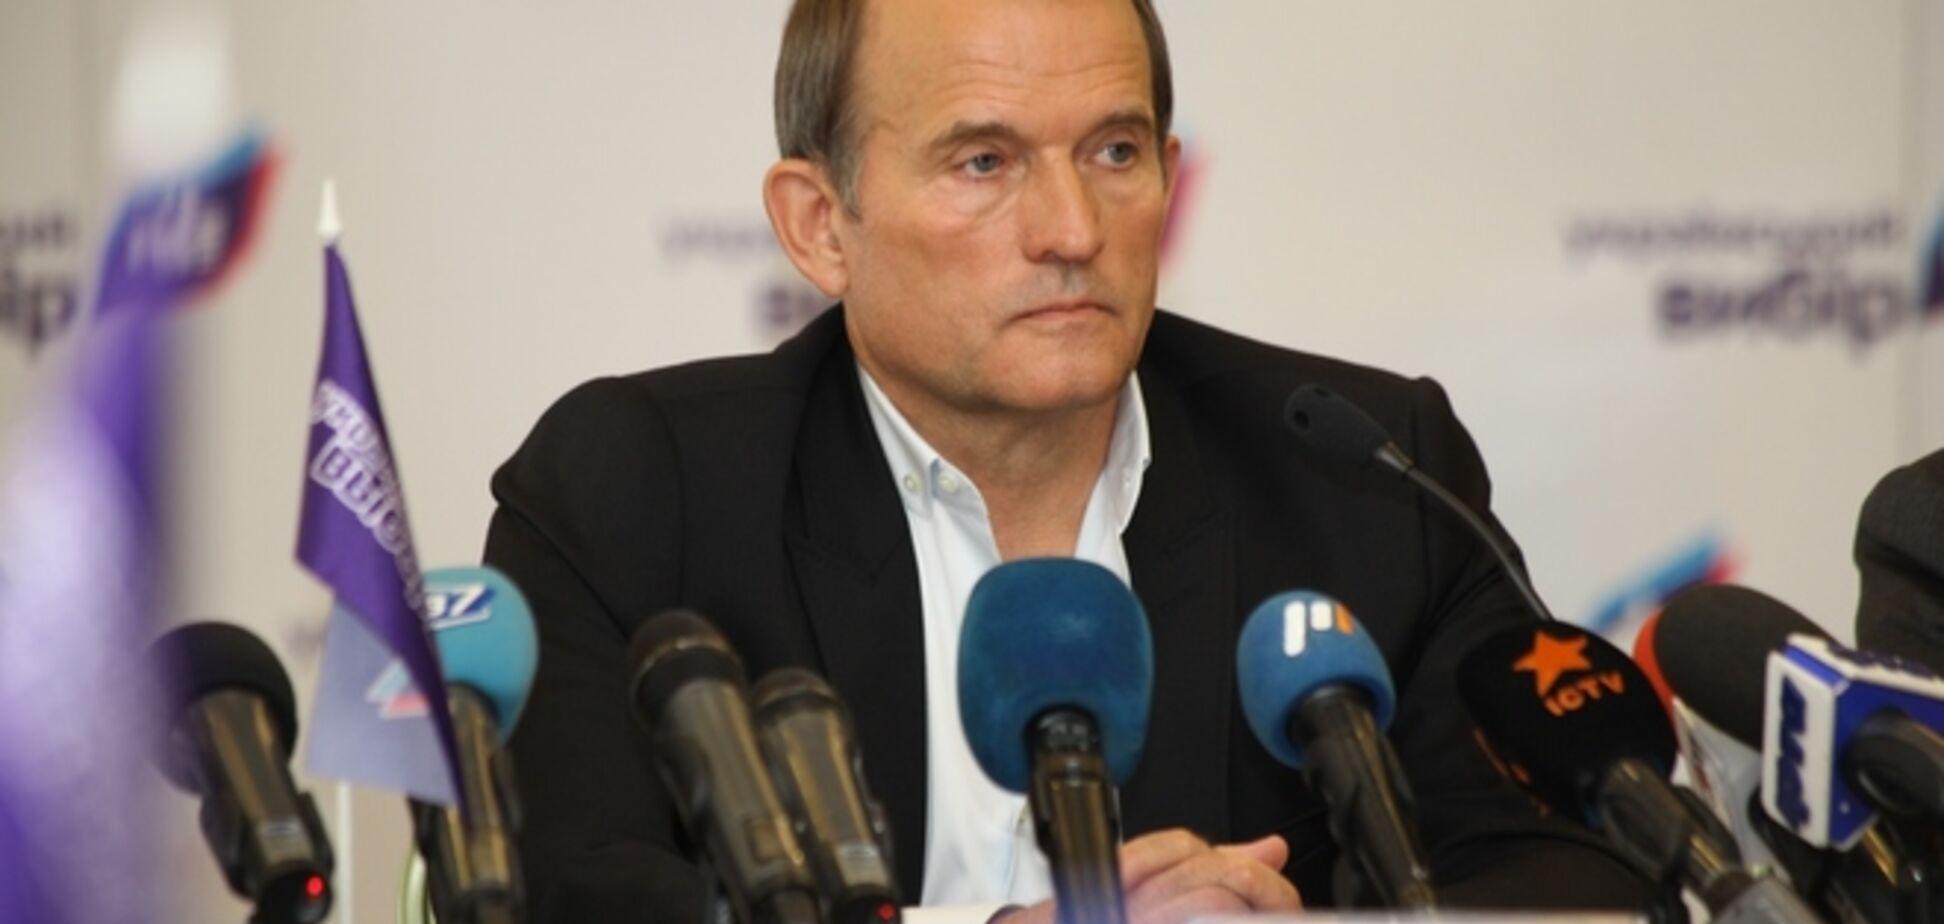 У Медведчука заперечують причетність до першотравневої демонстрації в Криму